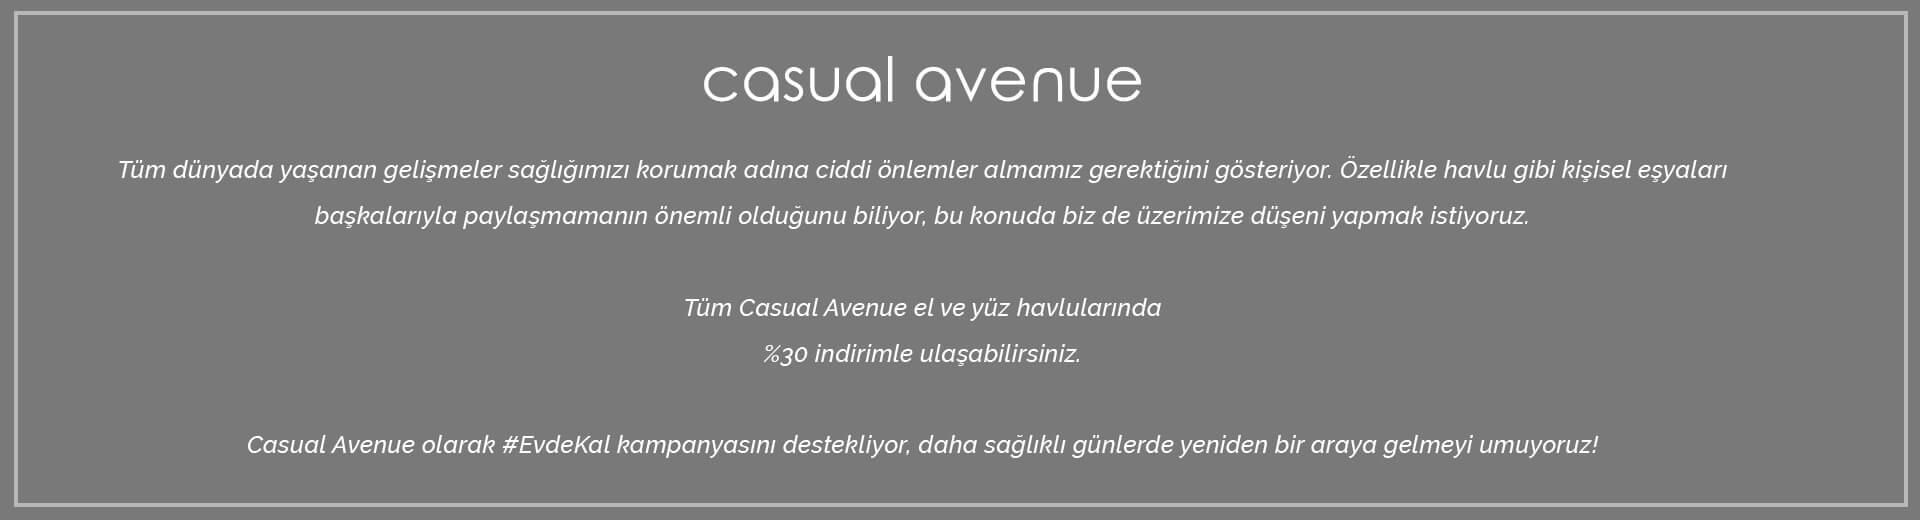 Casual Avenue, Havlu, Bornoz